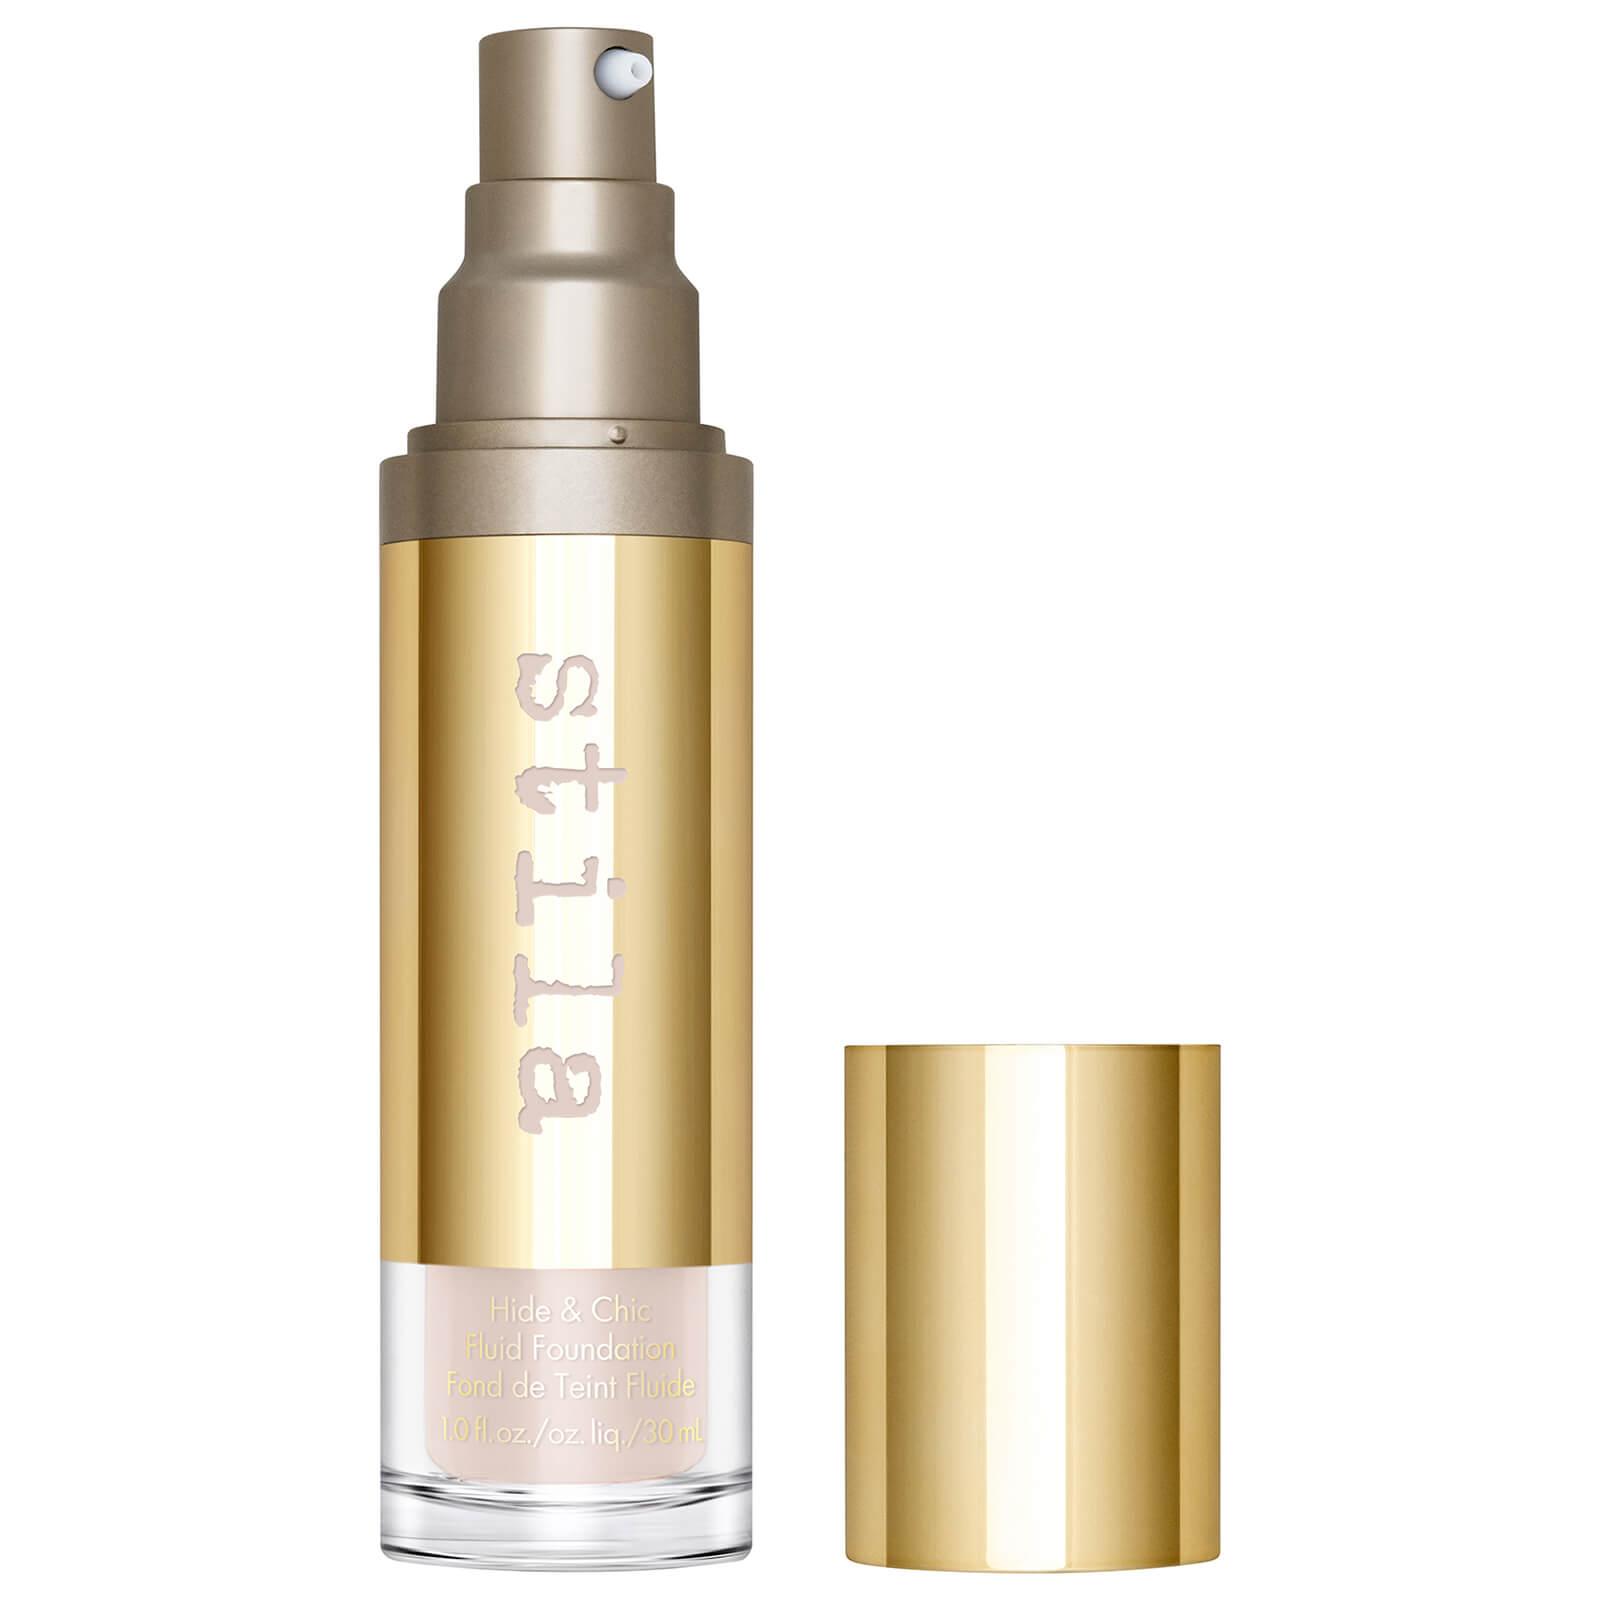 Stila Hide and Chic Fluid Foundation 30ml (Various Shades) - Fair 1